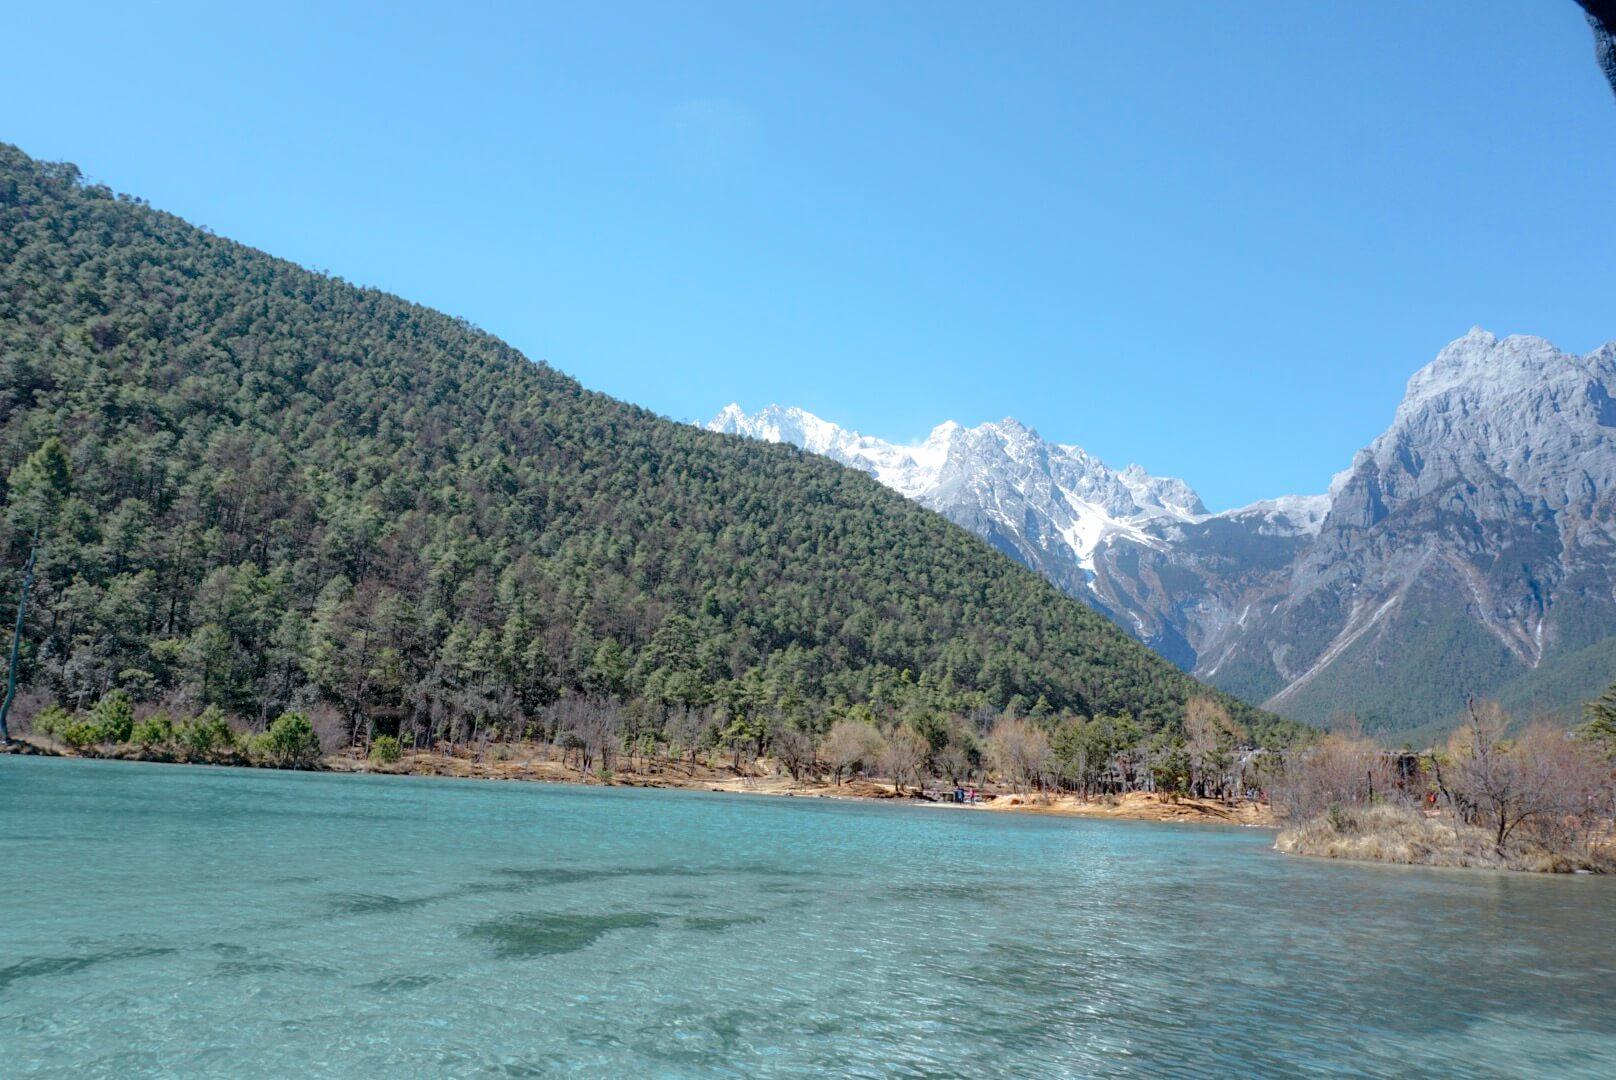 comment voir la blue moon vallée chine Yunnan